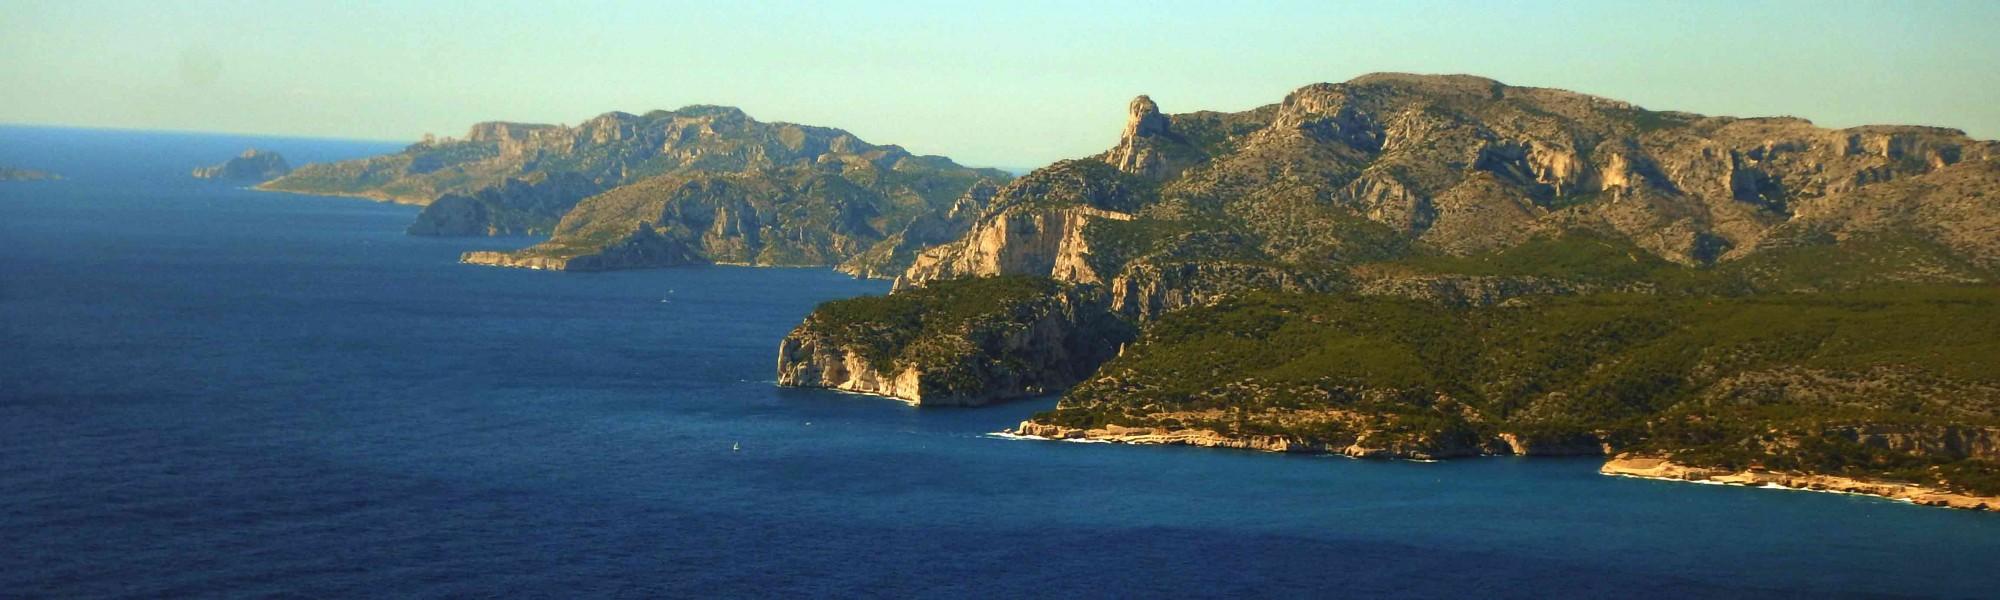 Calanques de Marseille - séjour voile et escalade